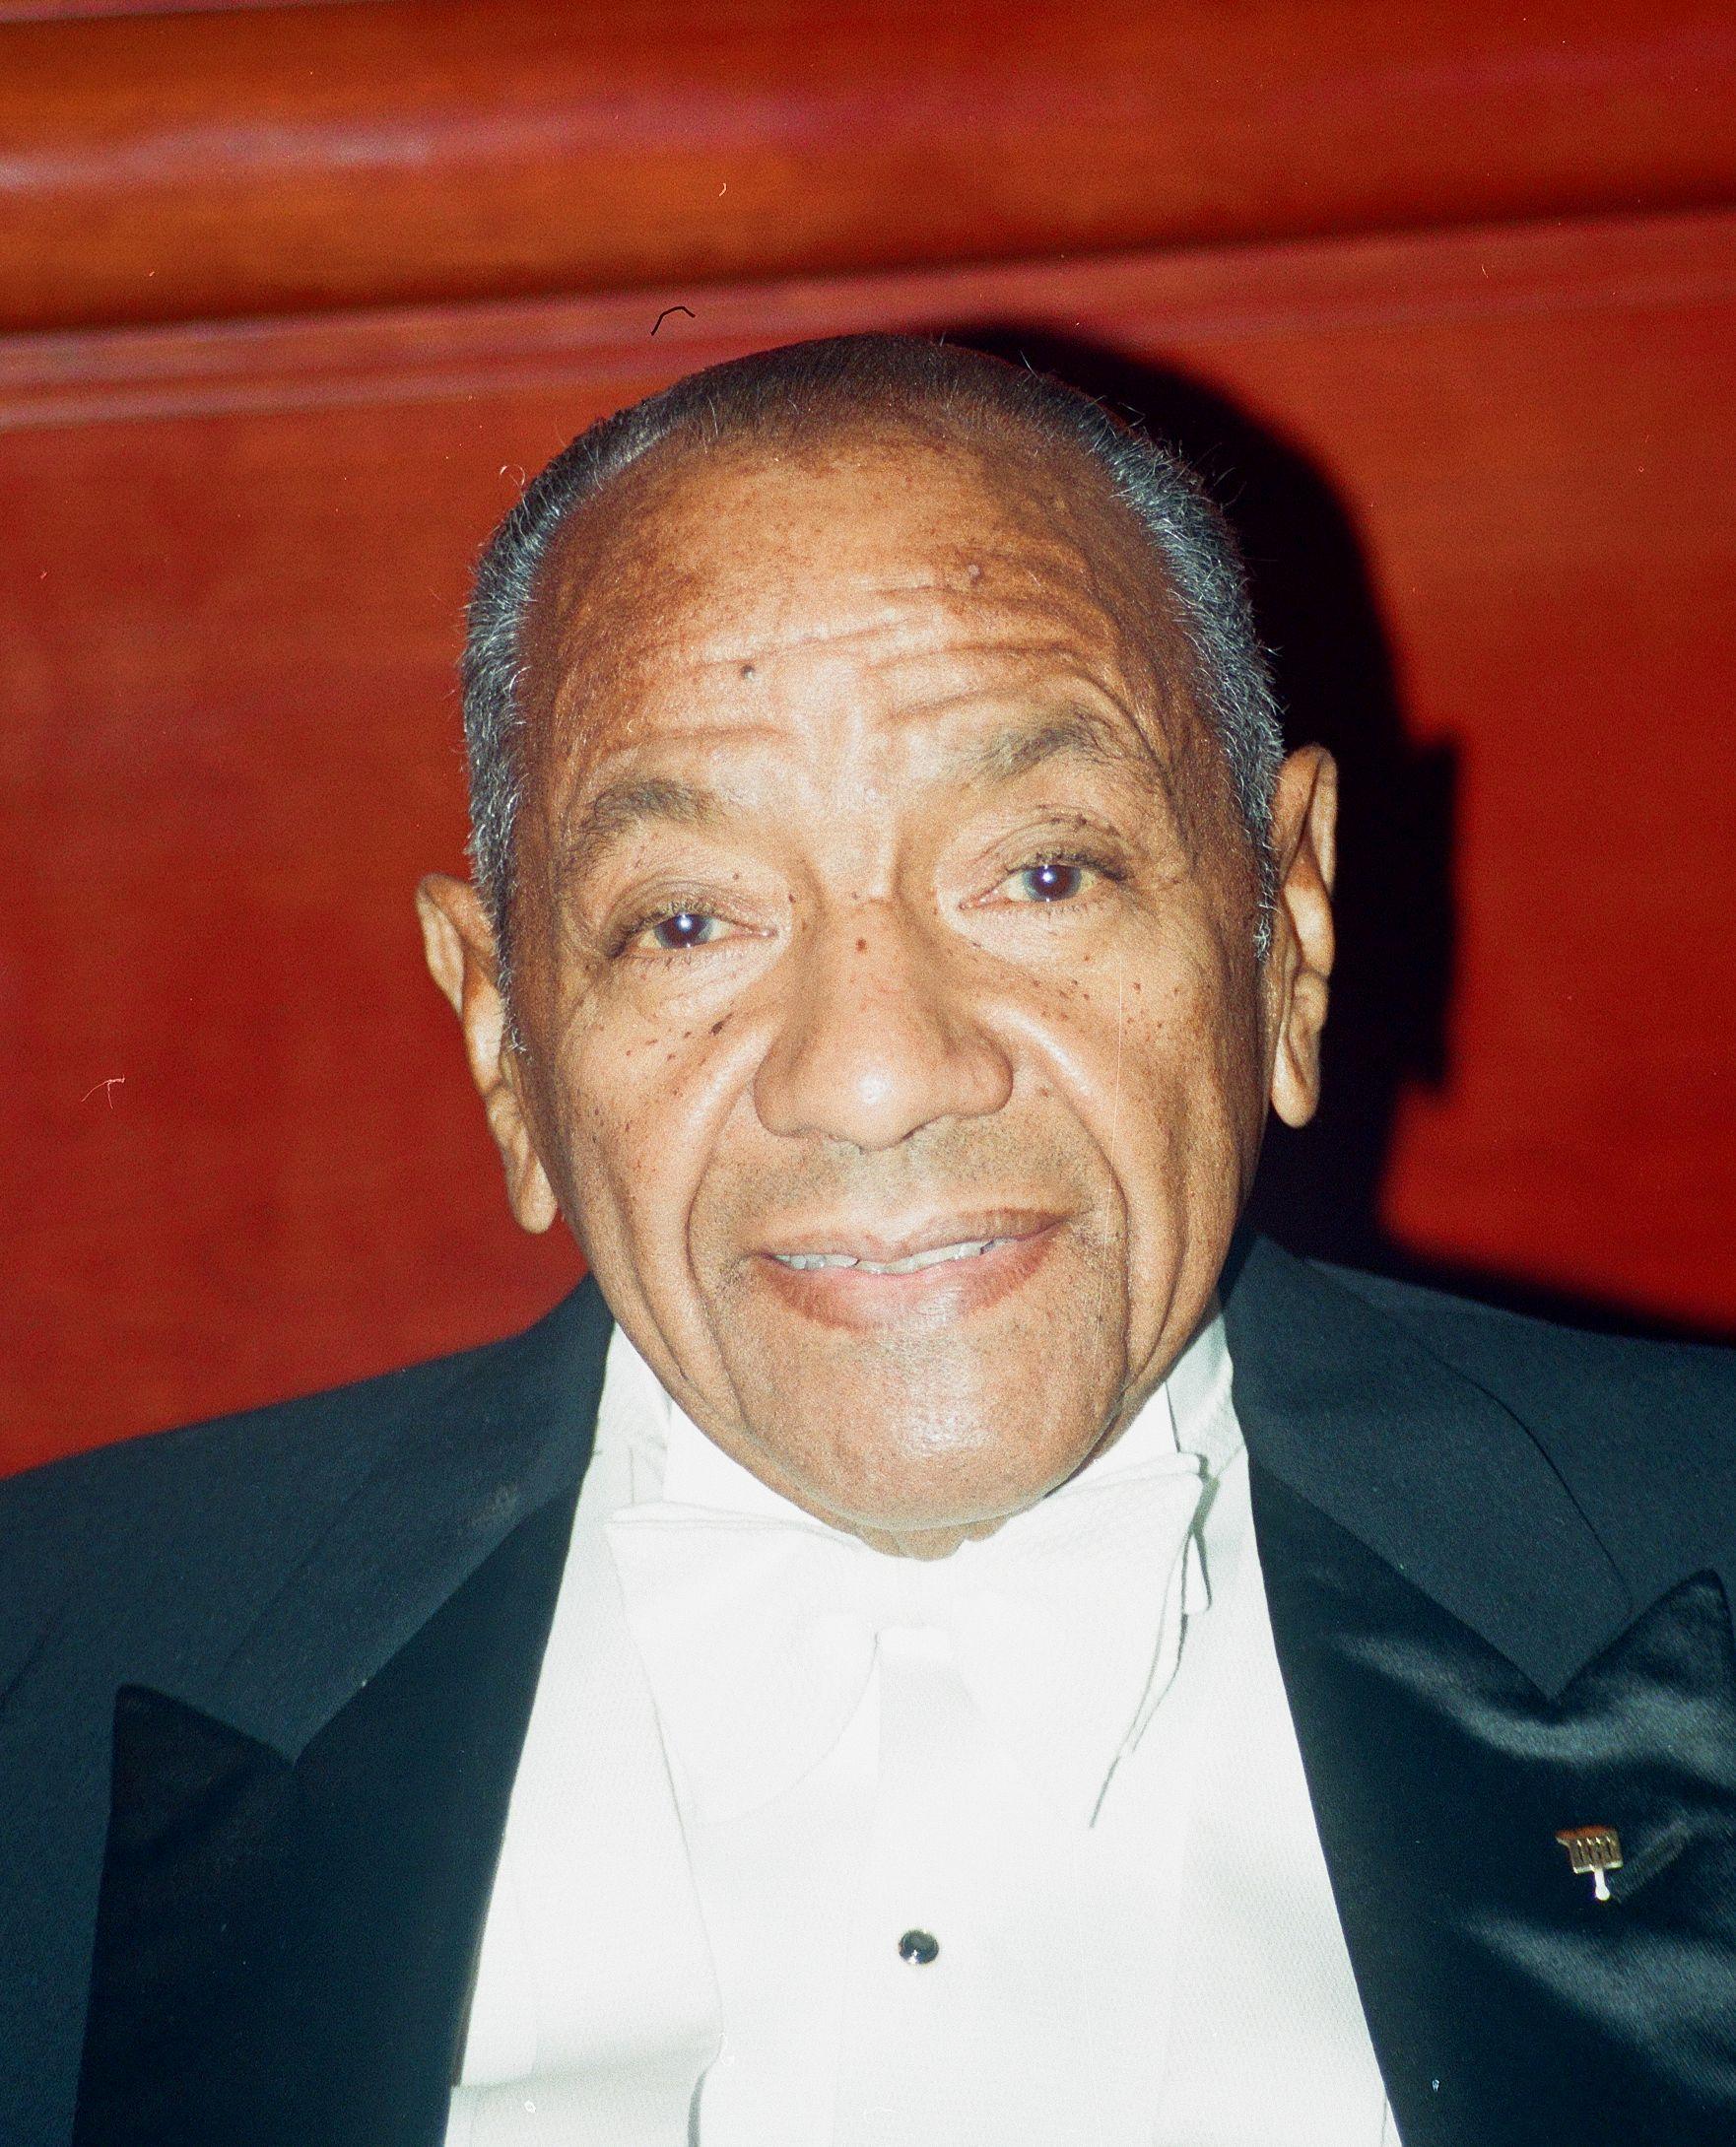 Rowan in 1997